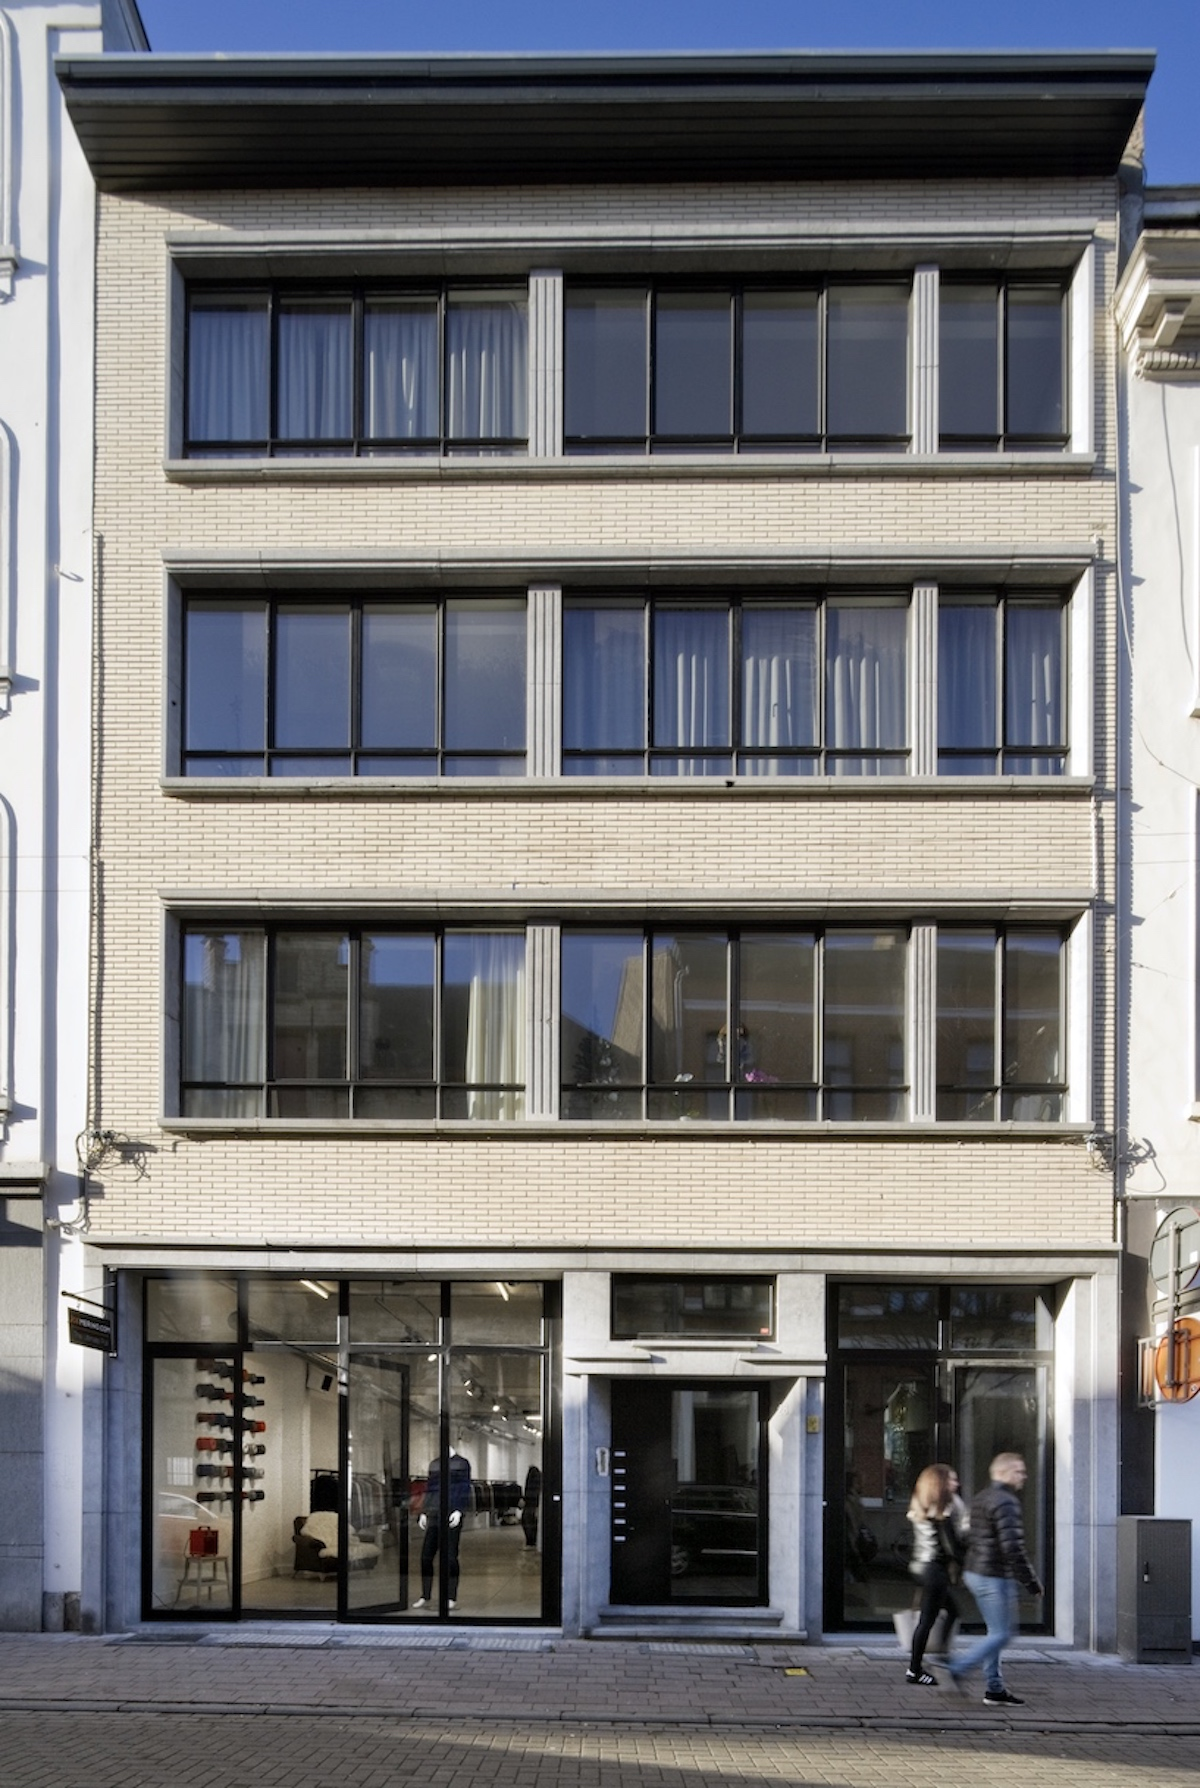 Kloosterstraat2.jpg